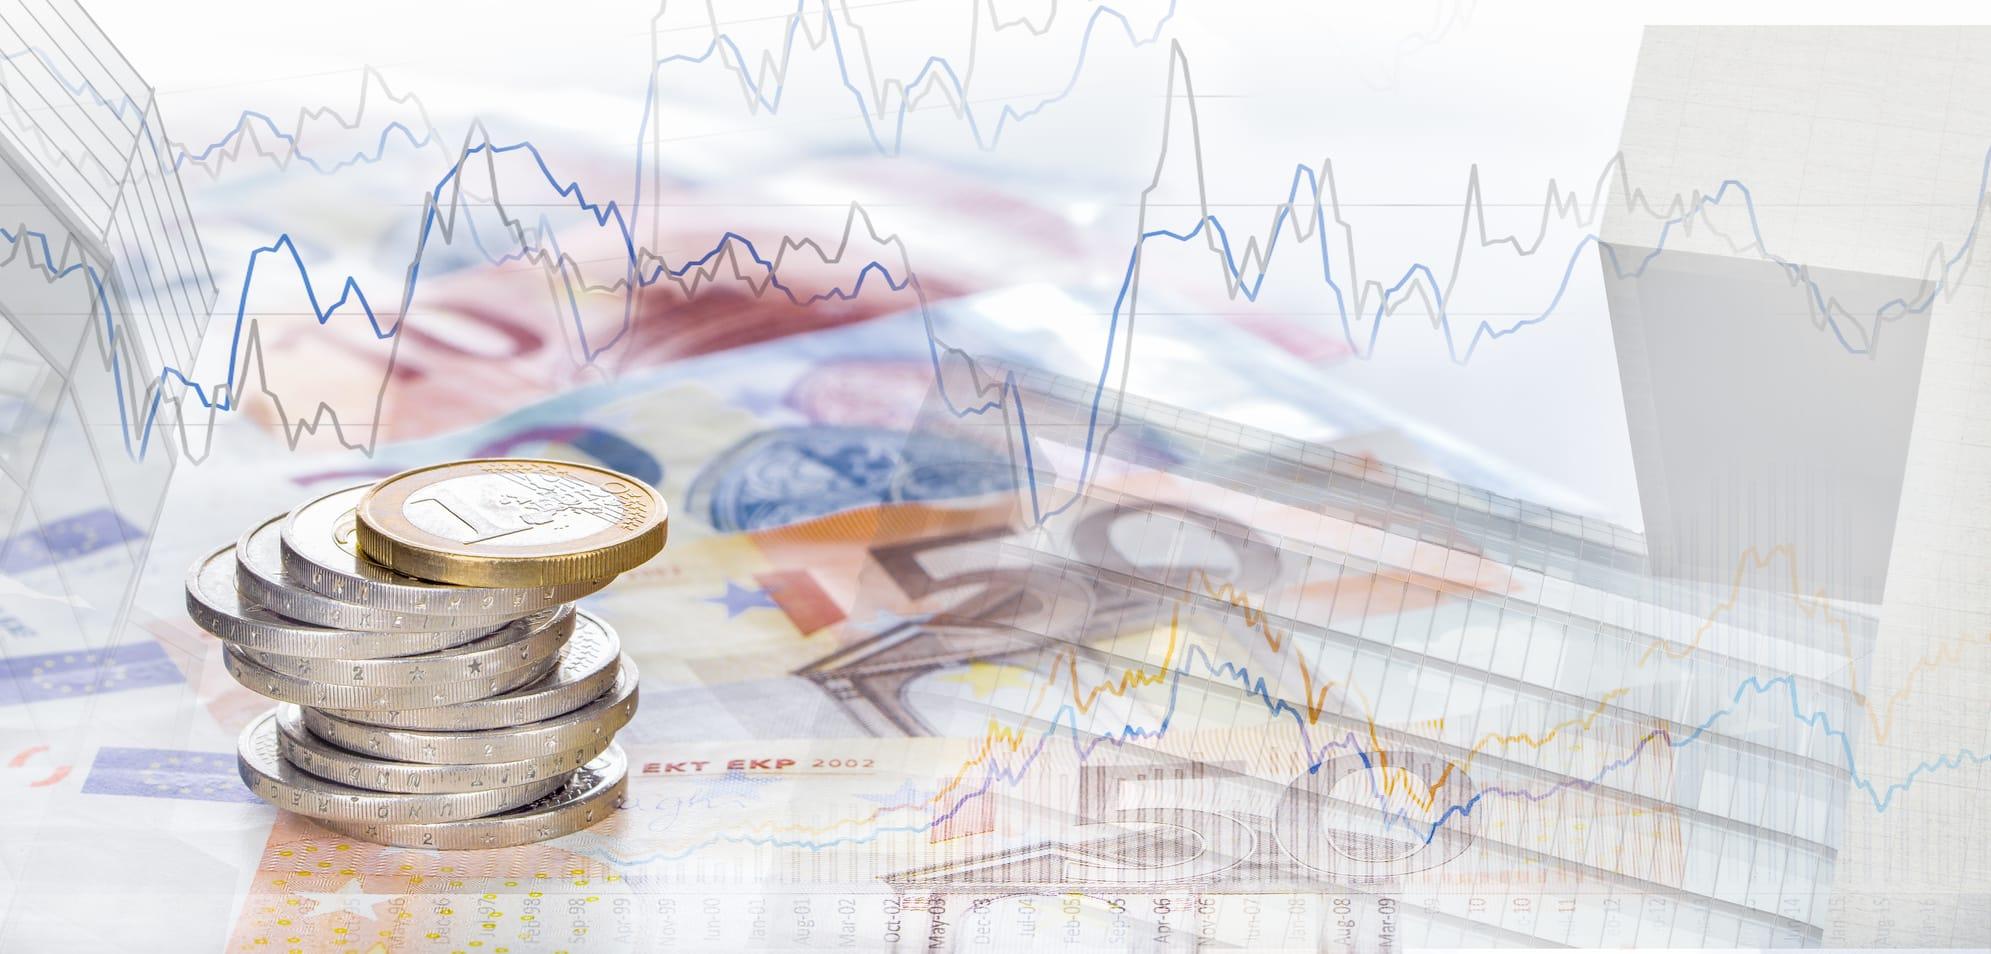 Aktien für Anfänger – Darauf sollten Sie achten